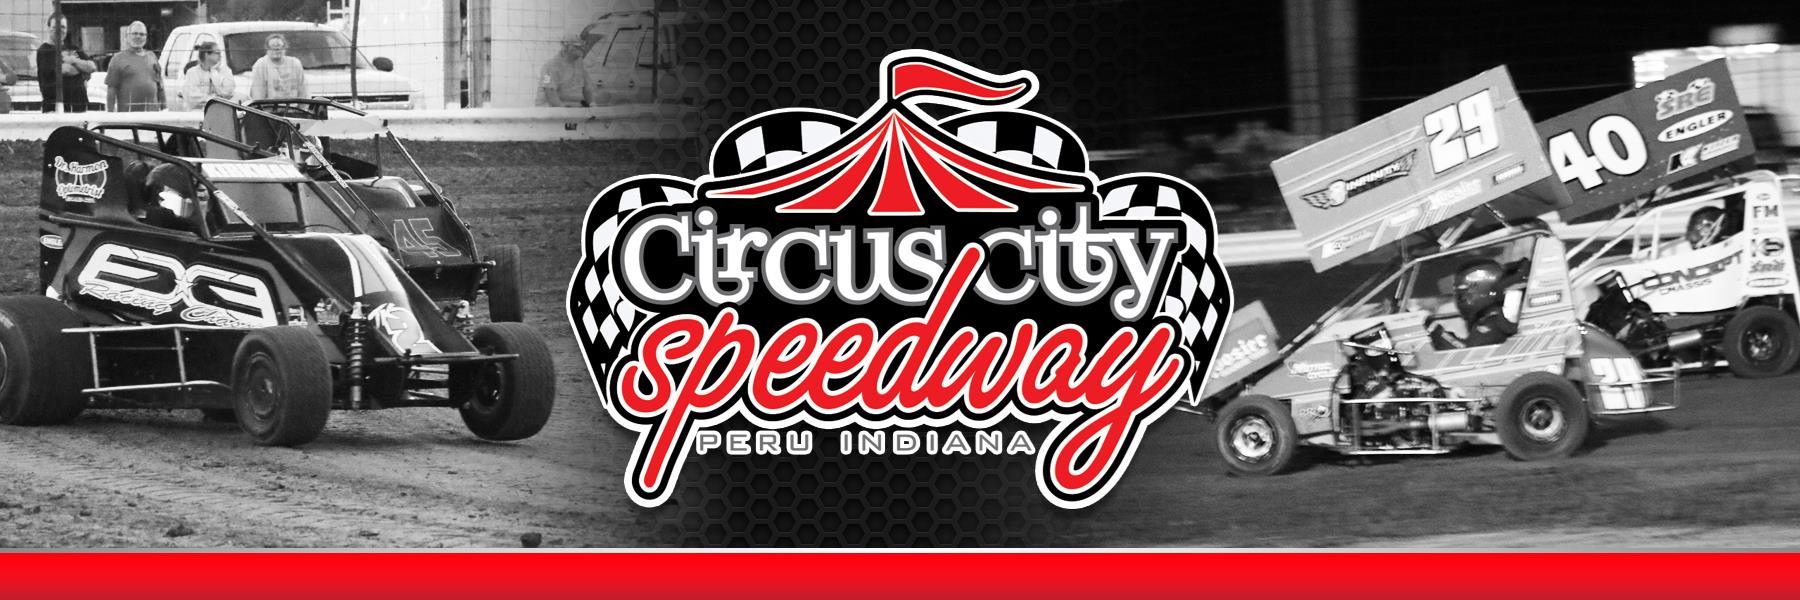 Circus City Speedway